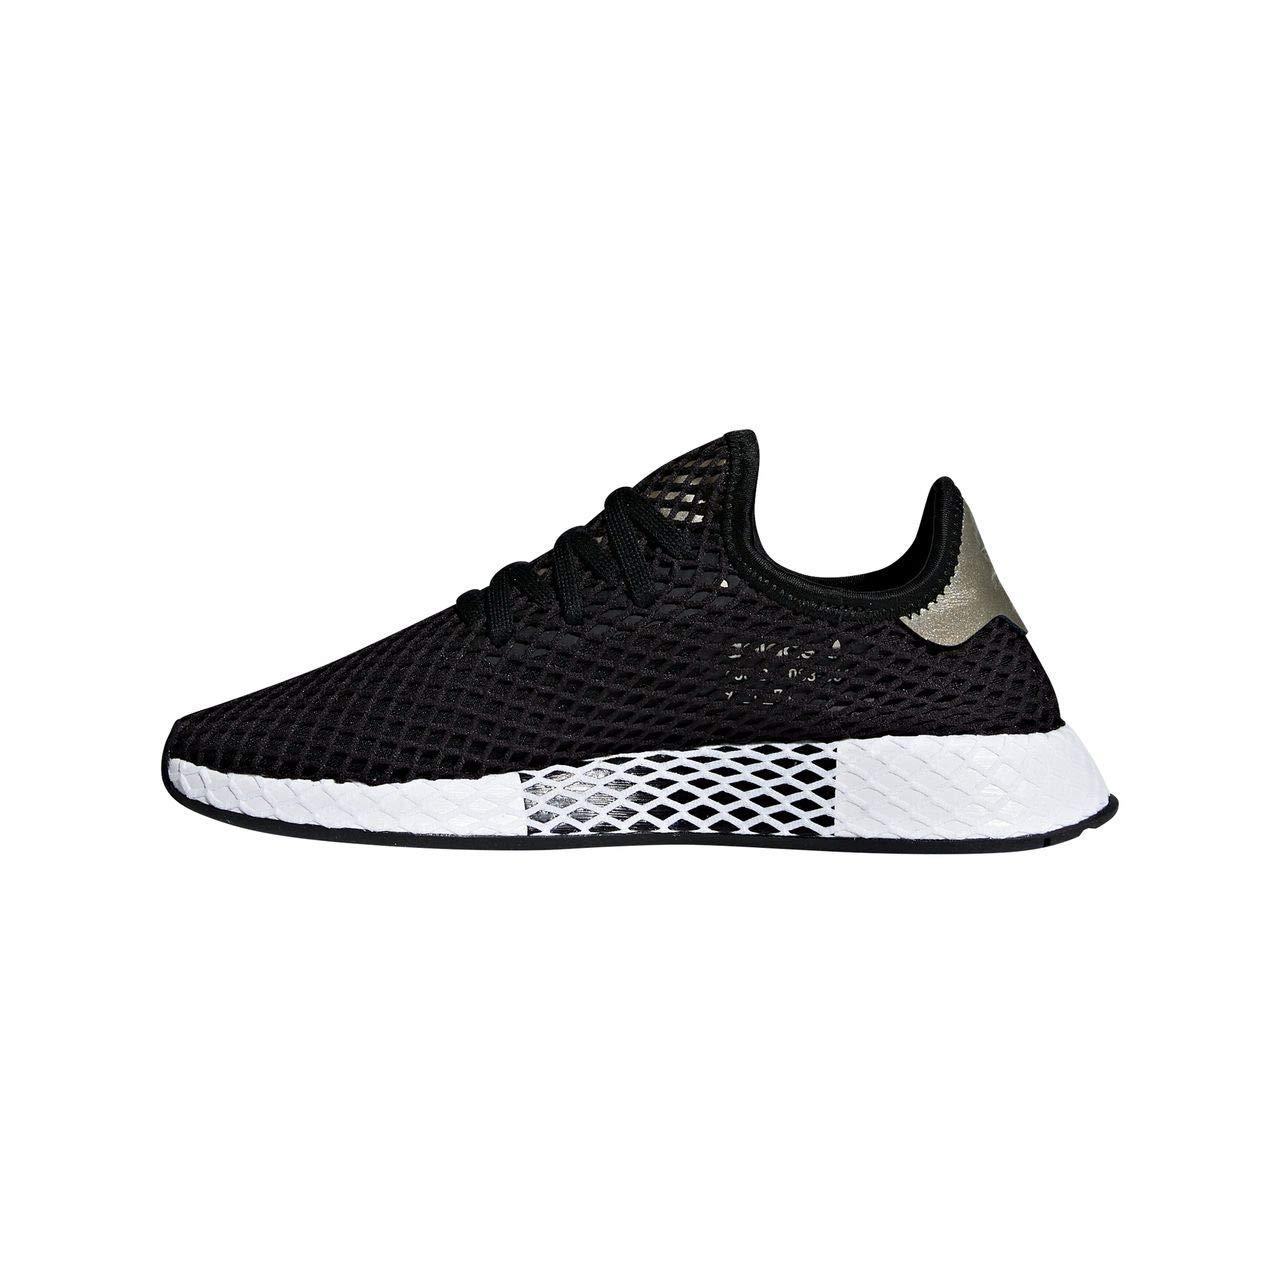 Noir (Core noir Core noir Tech argent Met.) adidas Deerupt W, Chaussures de Gymnastique Femme 39 1 3 EU